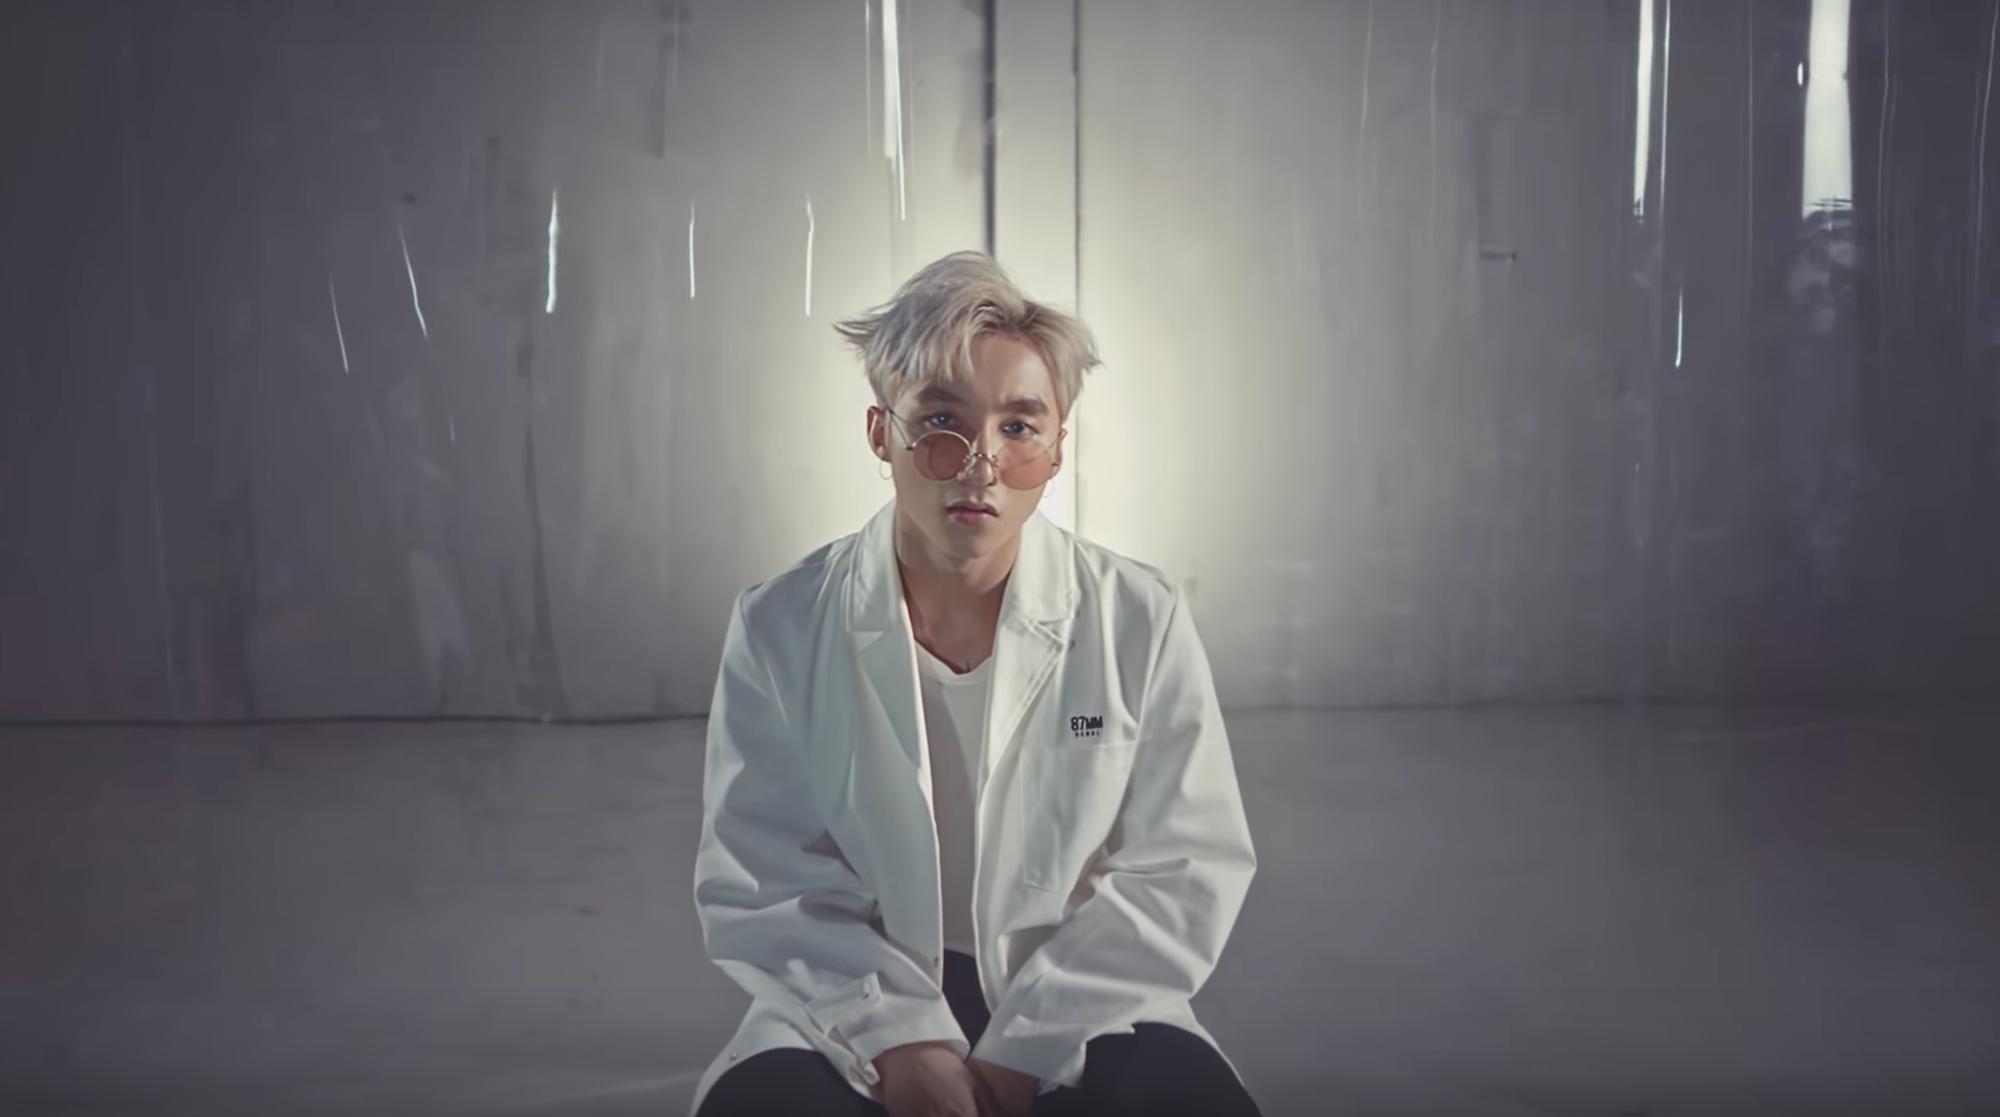 Mất bao lâu để loạt MV trăm triệu views này của Vpop chạm mốc kỷ lục? - Ảnh 10.